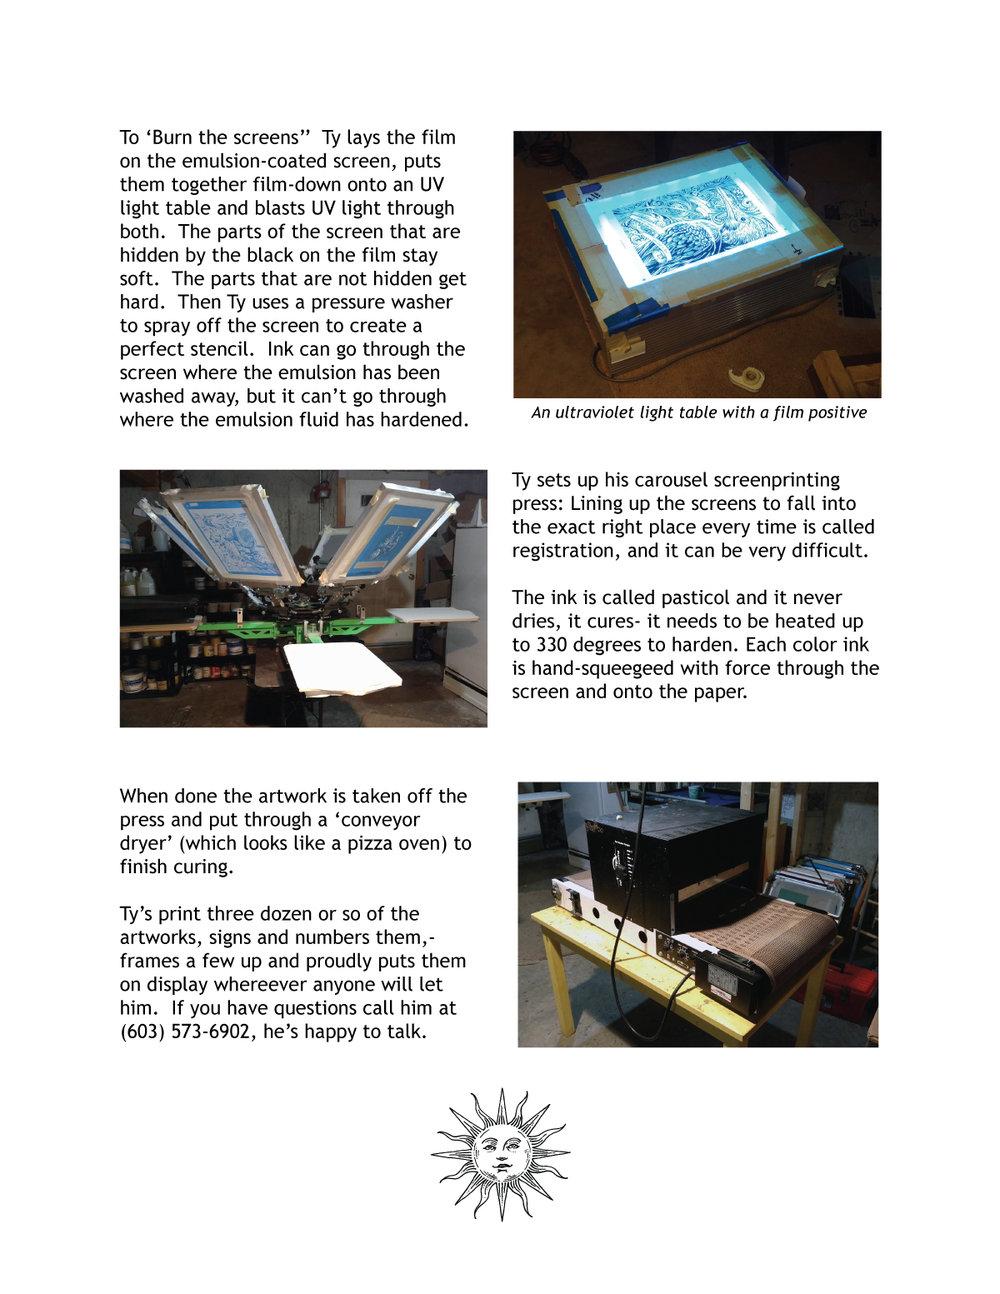 explanation-pg-2.jpg